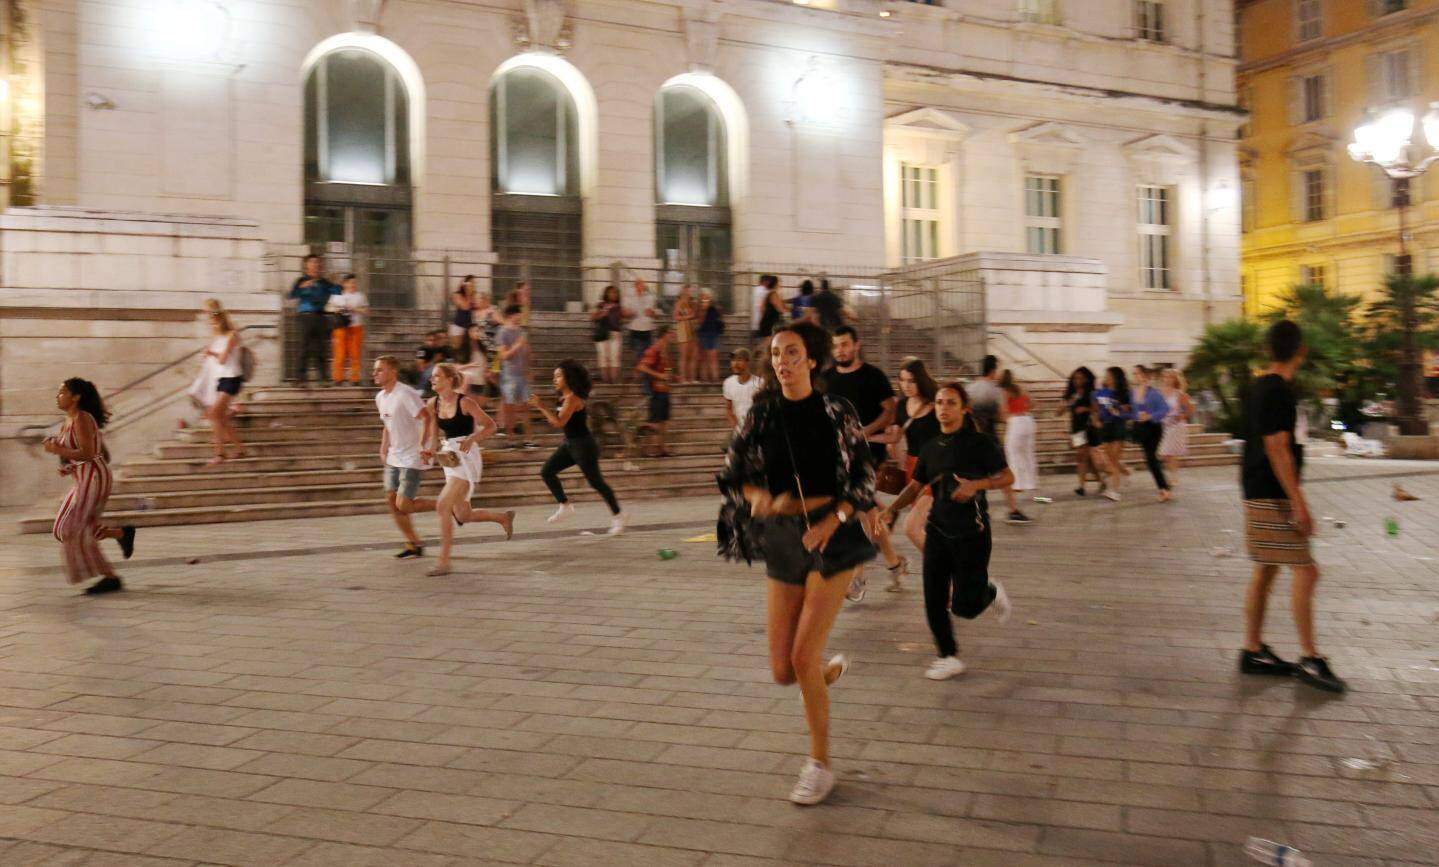 Mouvement de foule  devant le Palais de Justice de Nice